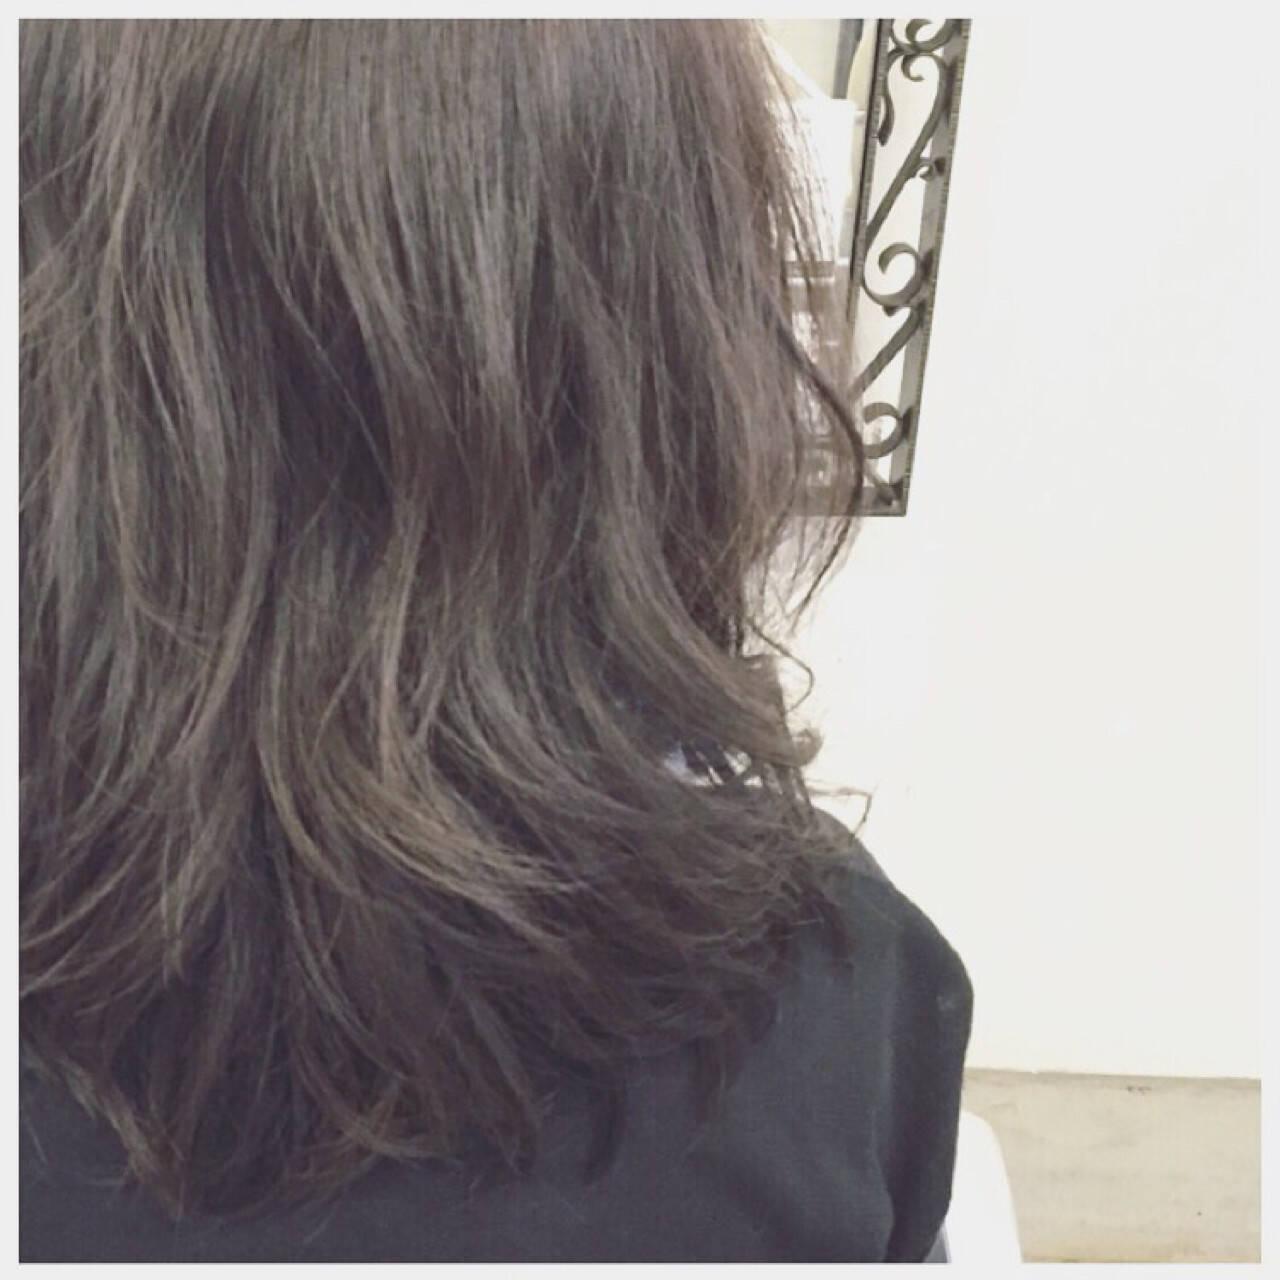 ゆるふわ フェミニン パーマ 大人かわいいヘアスタイルや髪型の写真・画像